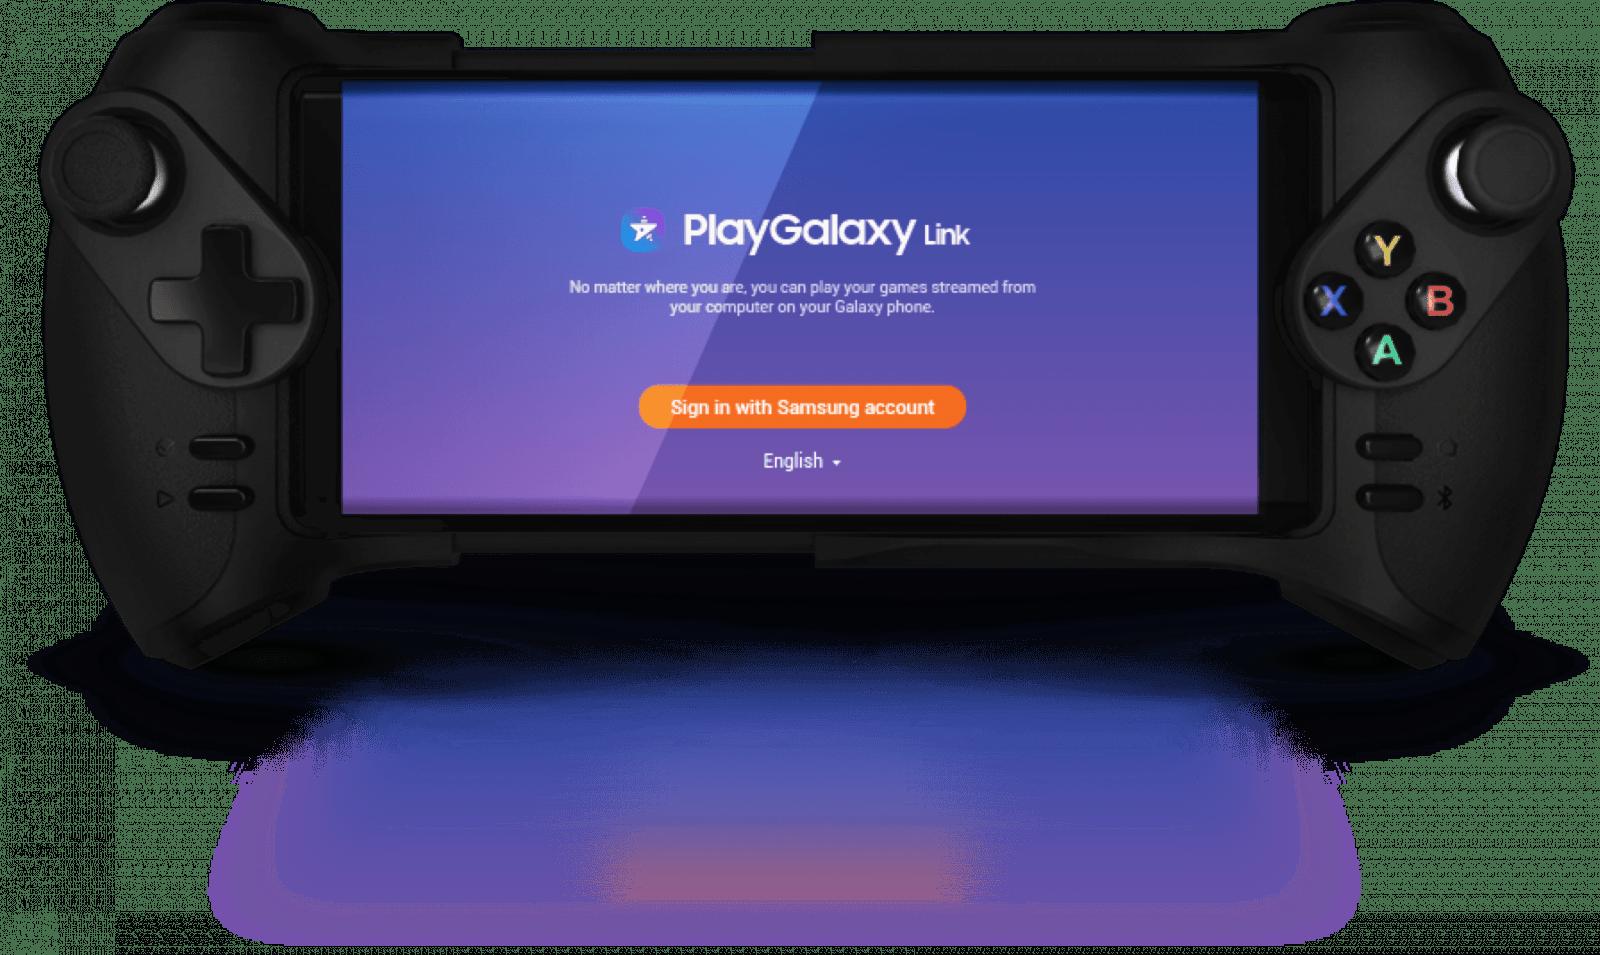 Samsung запустила в России стриминговый сервис PlayGalaxy Link (11)